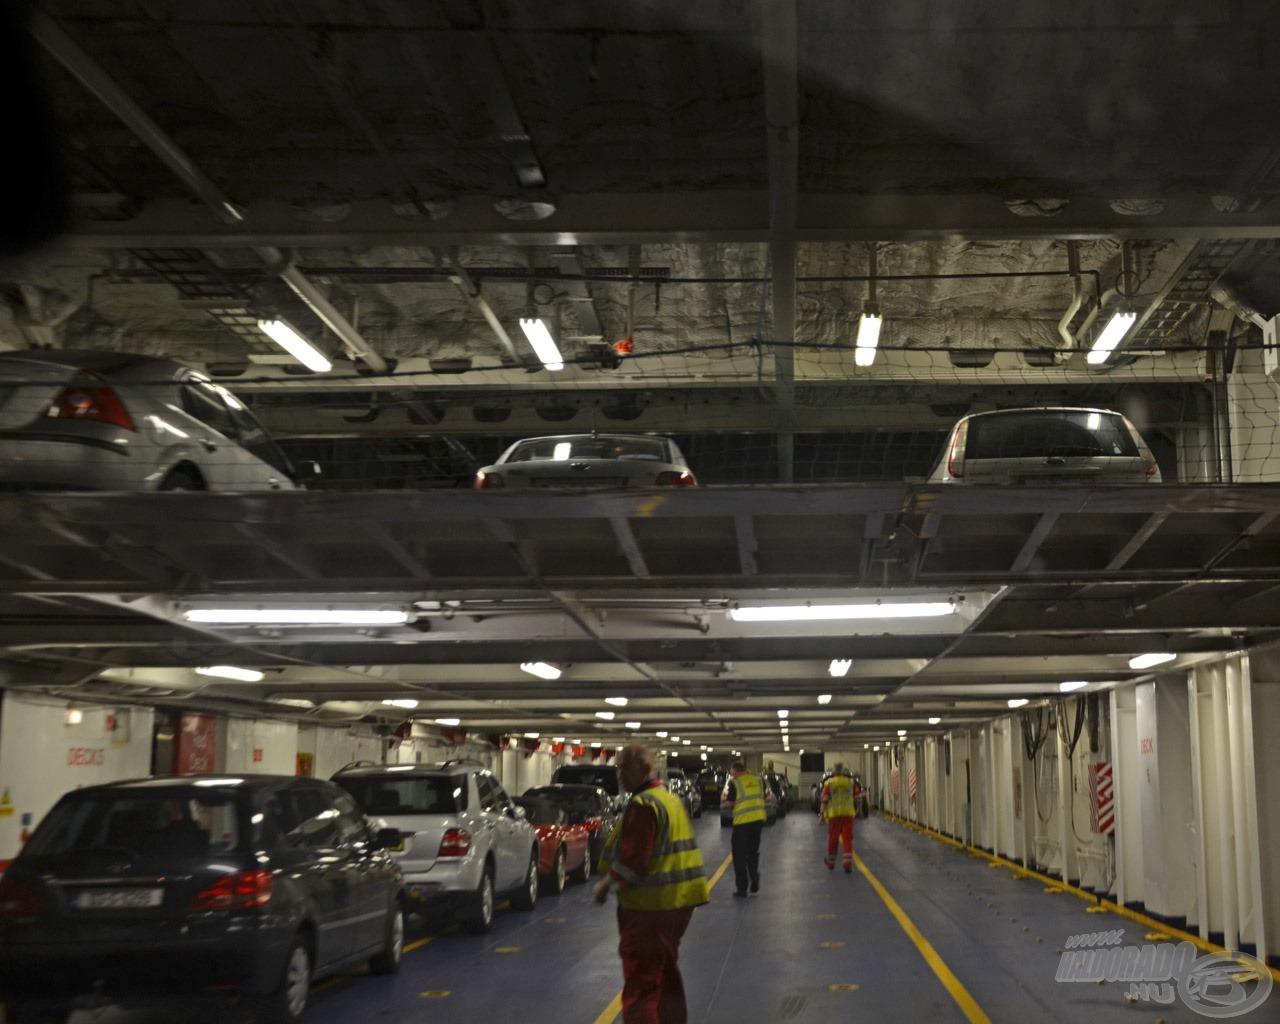 Kisebb autók az emeleten, nagy kamionok a hajófenéknél kaptak helyet